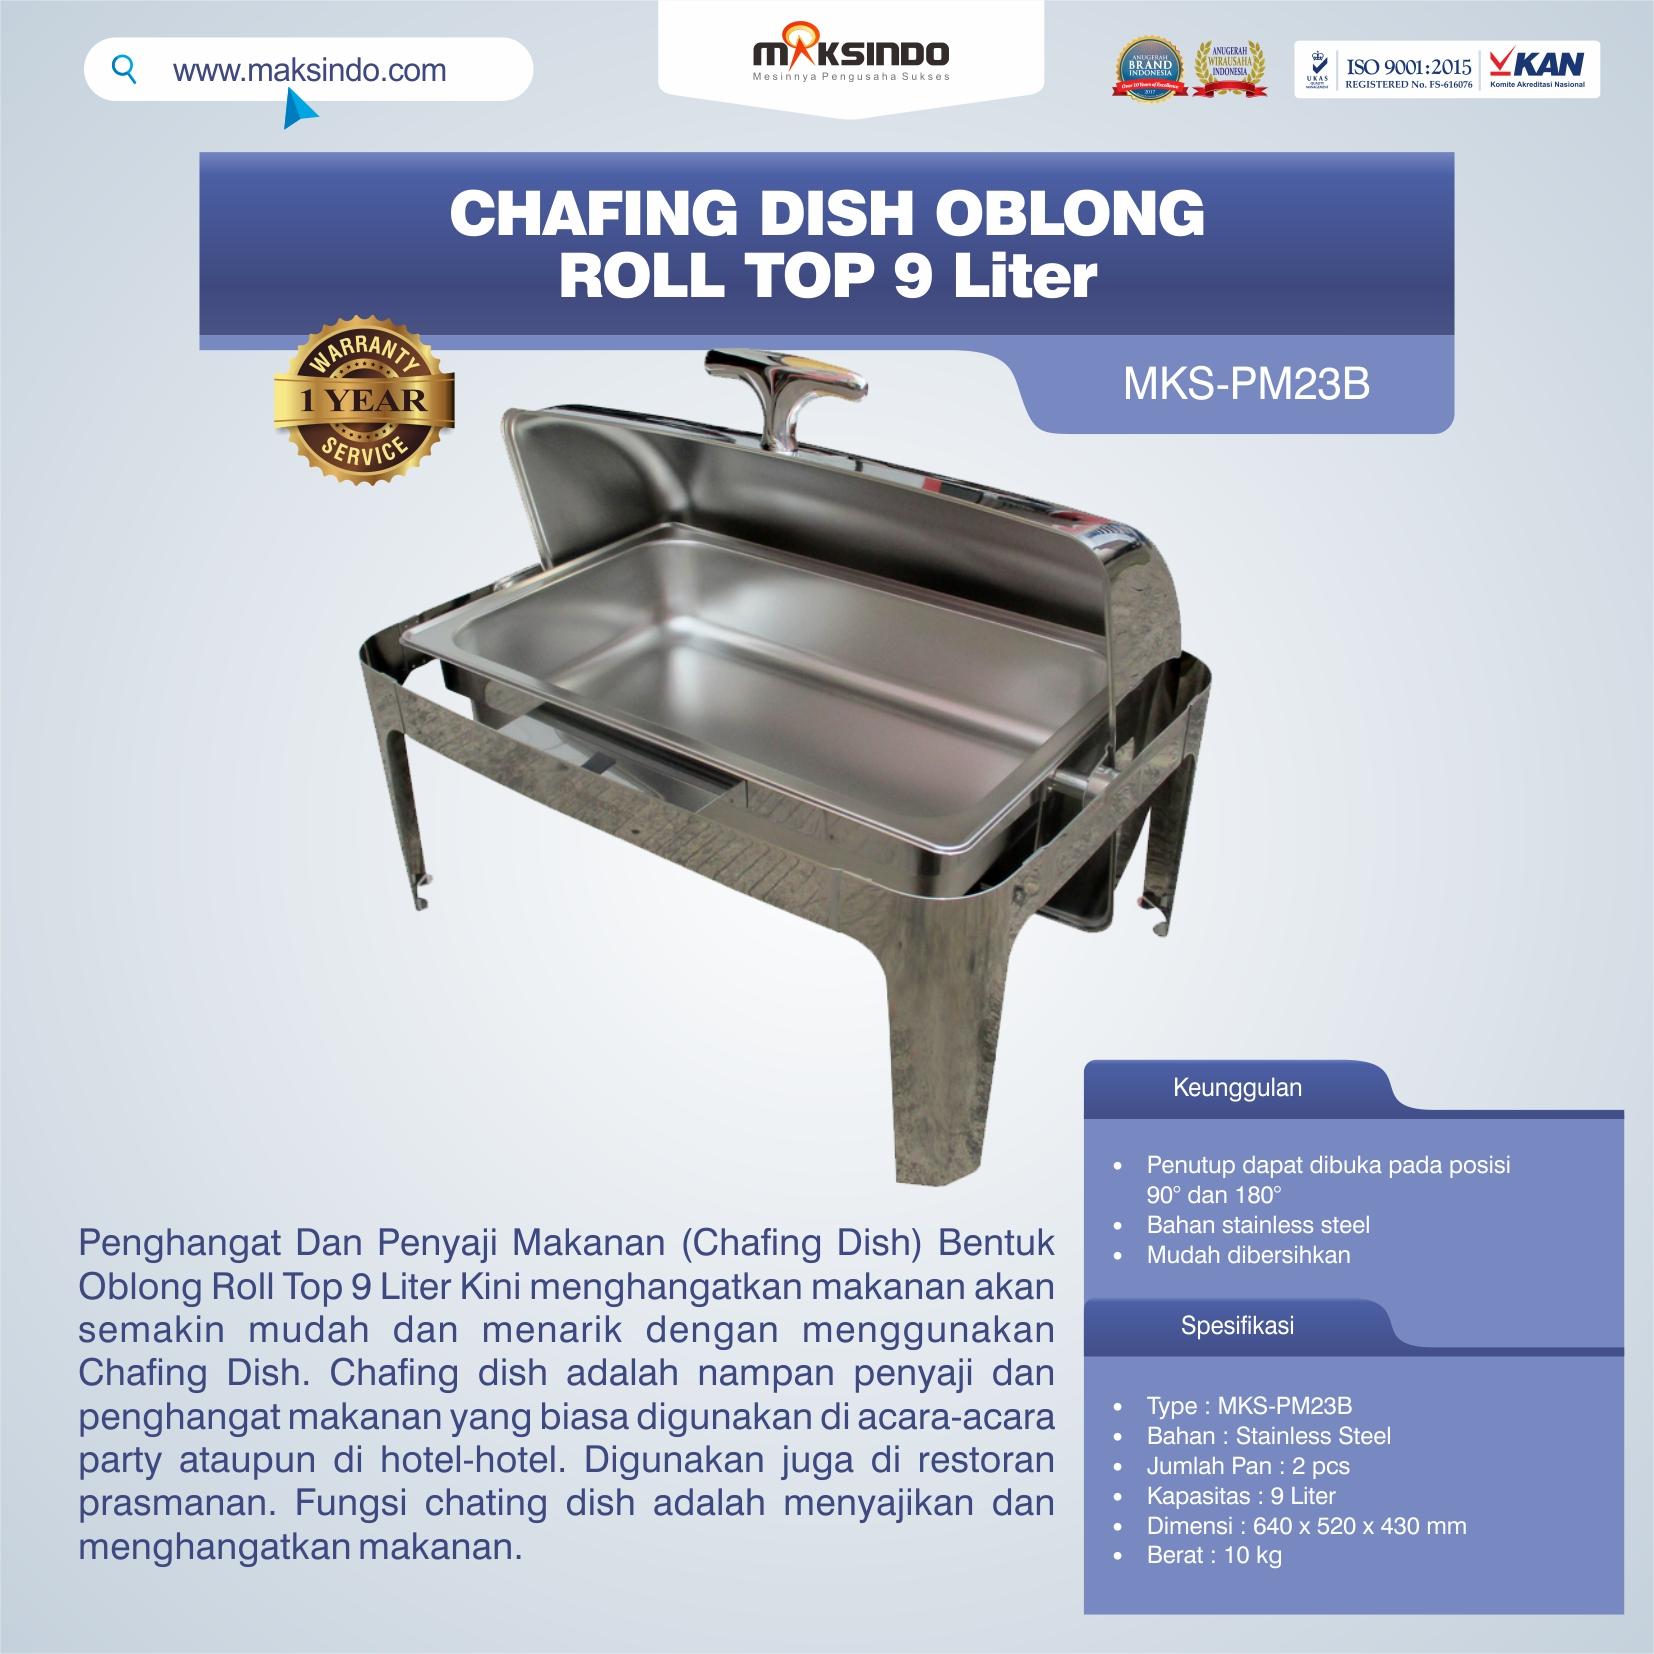 Jual Chafing Dish Oblong Roll Top – 9 Liter (MKS-PM23B) di Jakarta